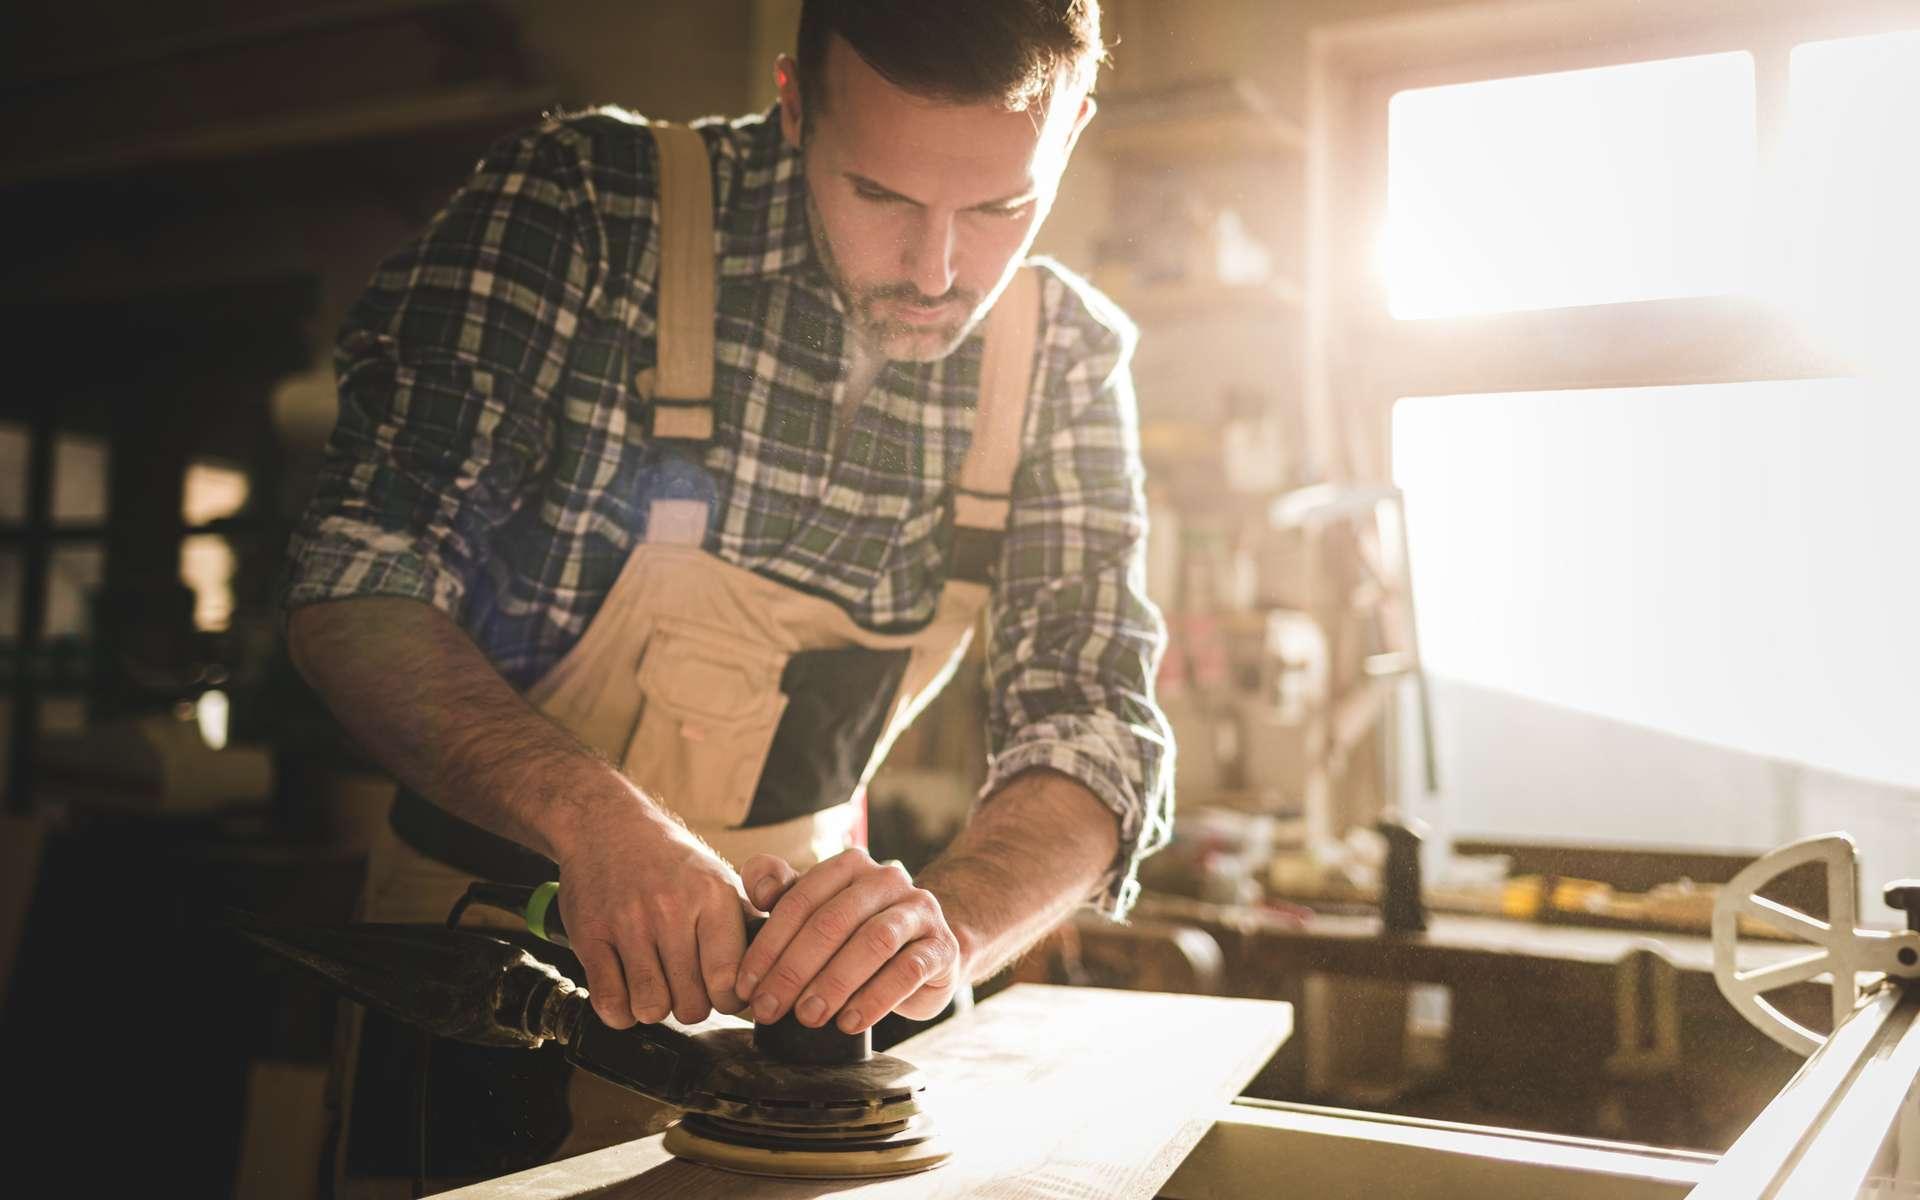 Bon plan : Les meilleures offres bricolage © leszekglasner, Adobe Stock